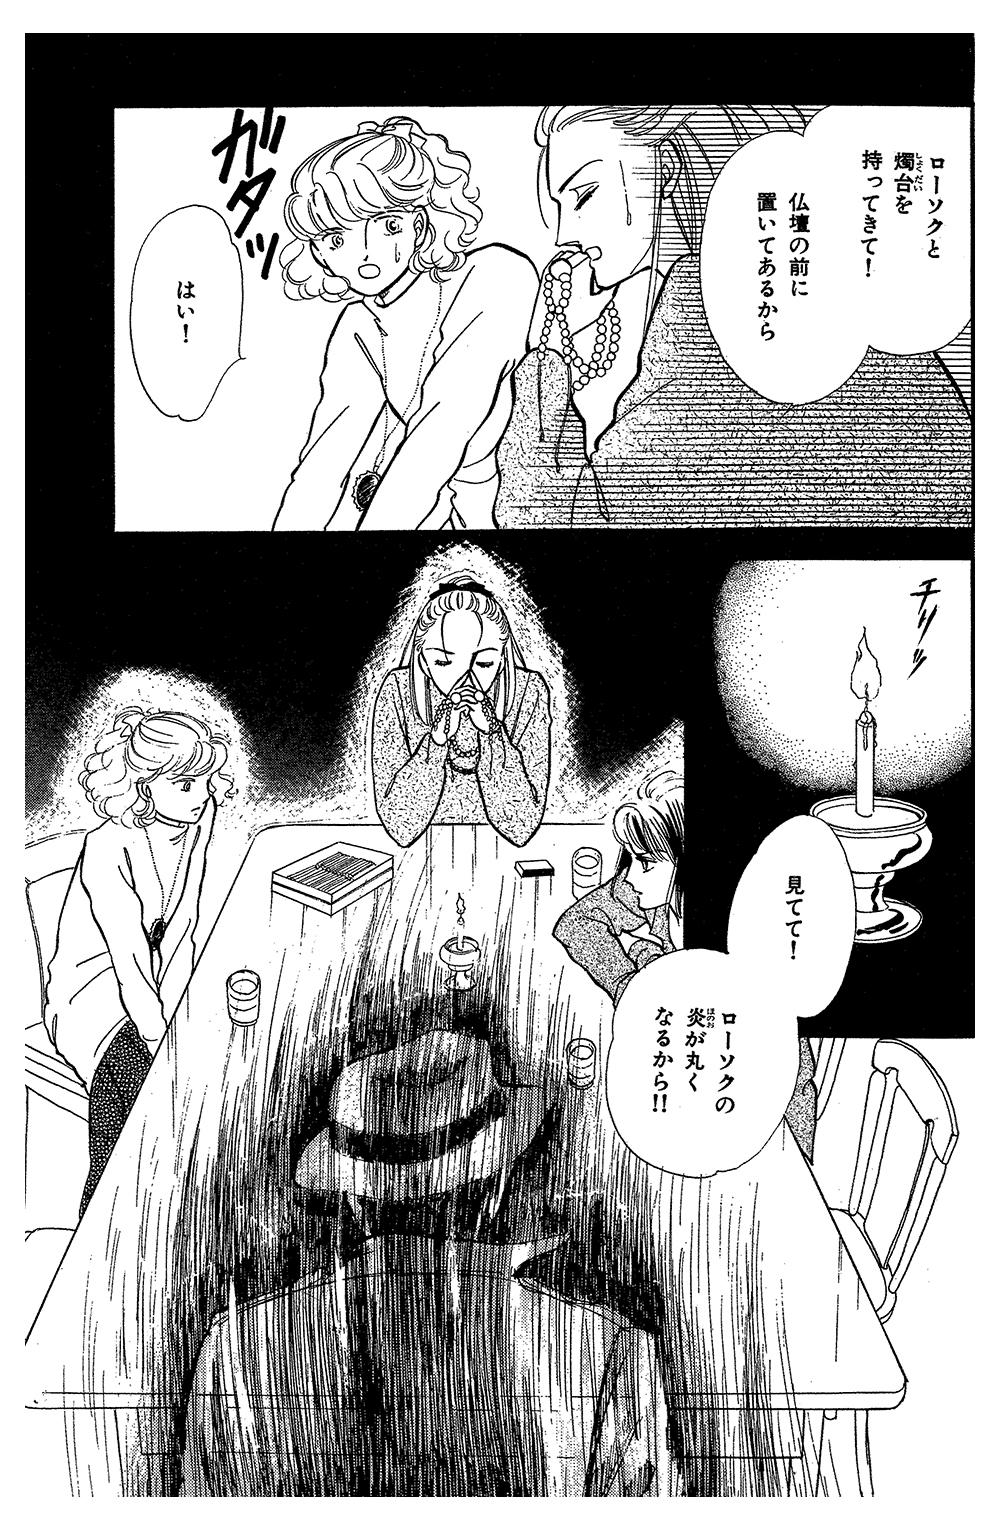 魔百合の恐怖報告  第2話「消えた黒猫」②mayuri08-06.jpg